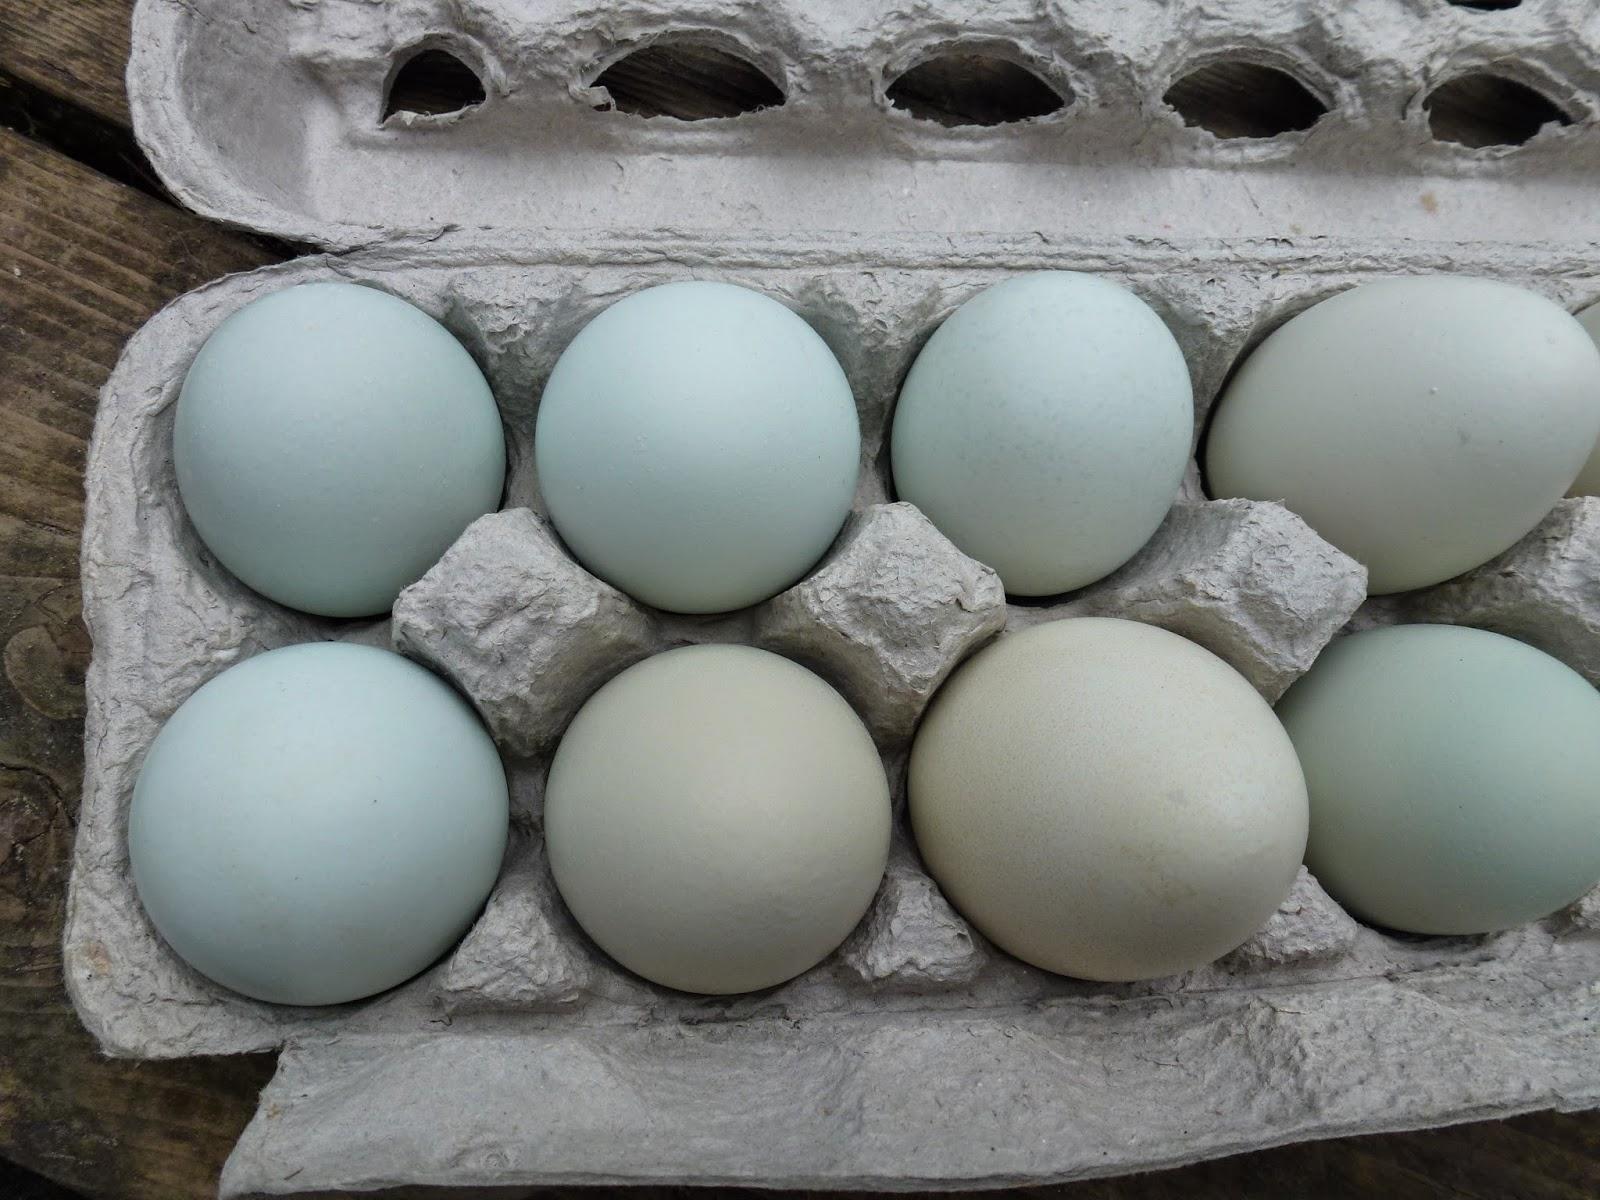 Γόνιμα αυγά εκκόλαψης